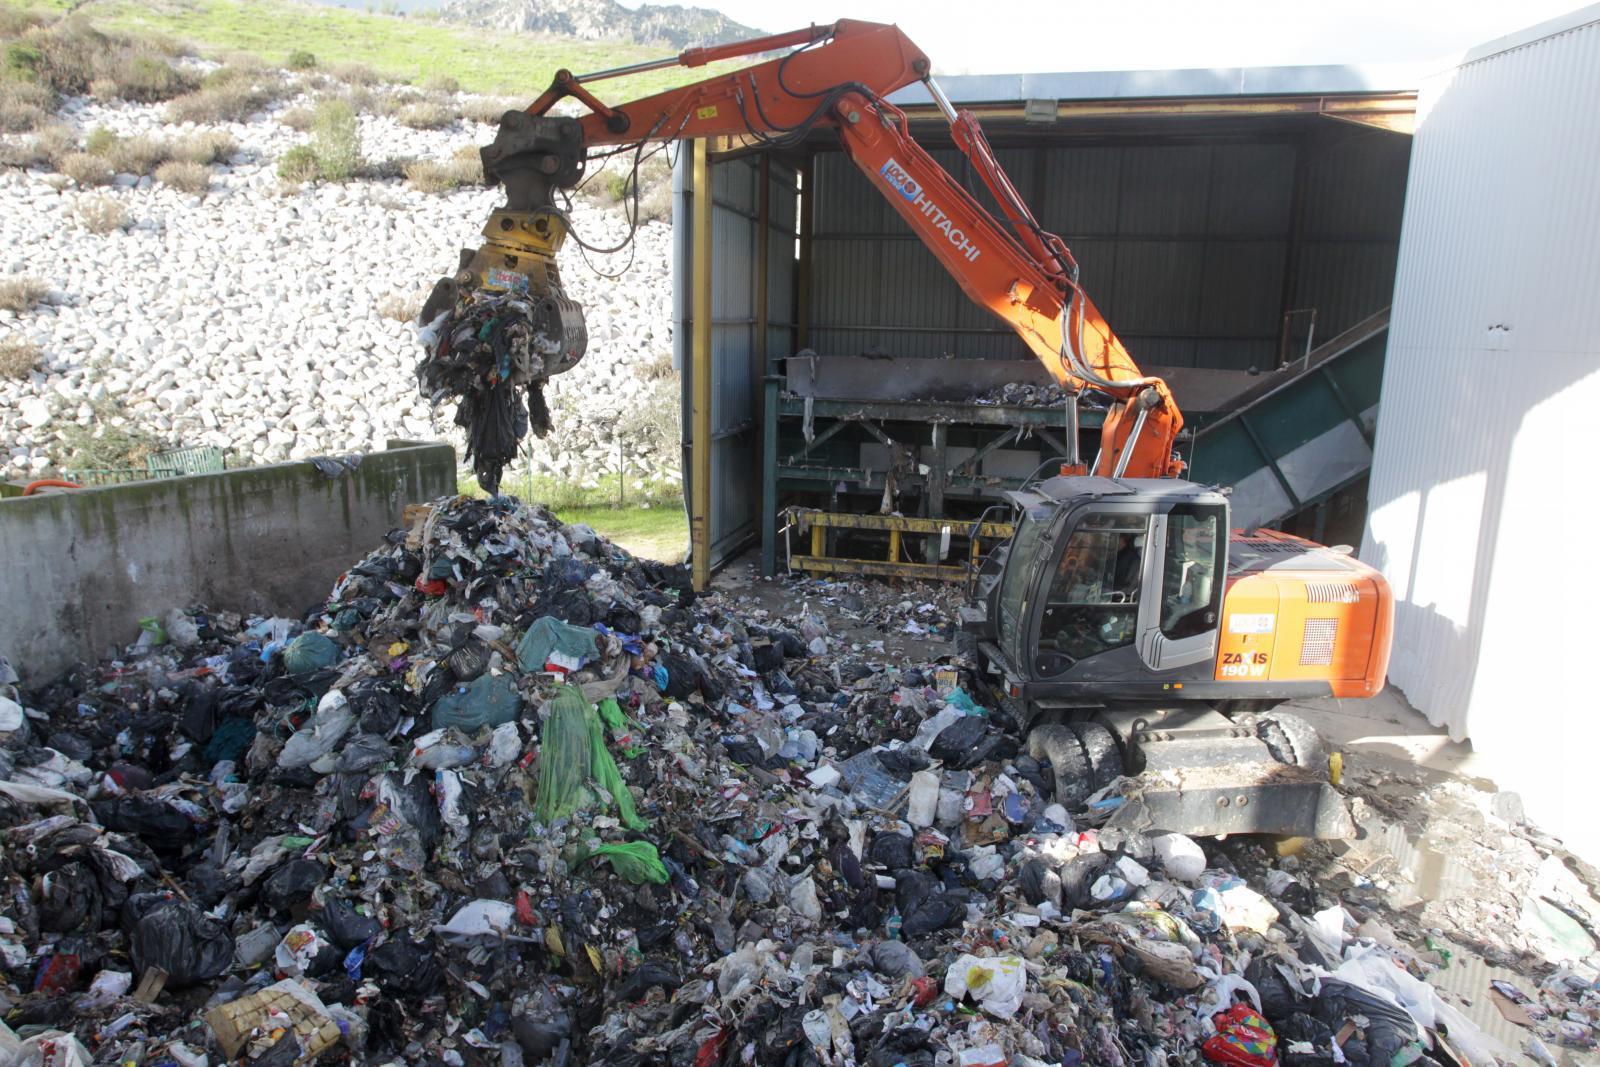 ย้อนแย้ง! นักวิชาการ ติง รัฐบาลรณรงค์ลดใช้ถุงพลาสติก กลับอนุมัตินำเข้าขยะต่างประเทศ